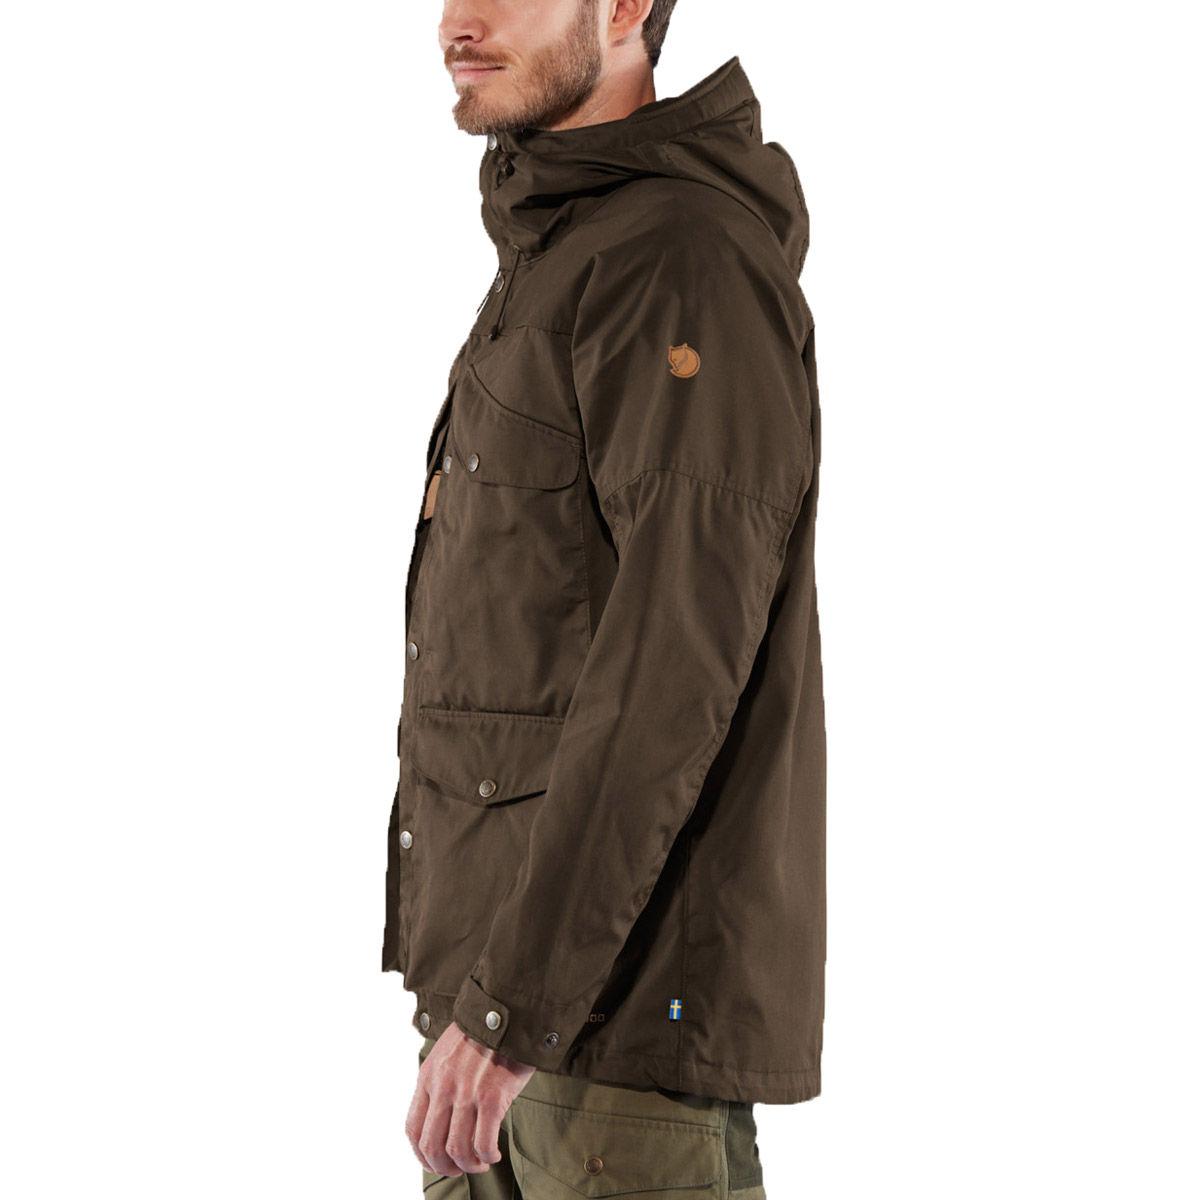 fjällräven jacket no. 68 tarmac, Fjäll Räven Greenland